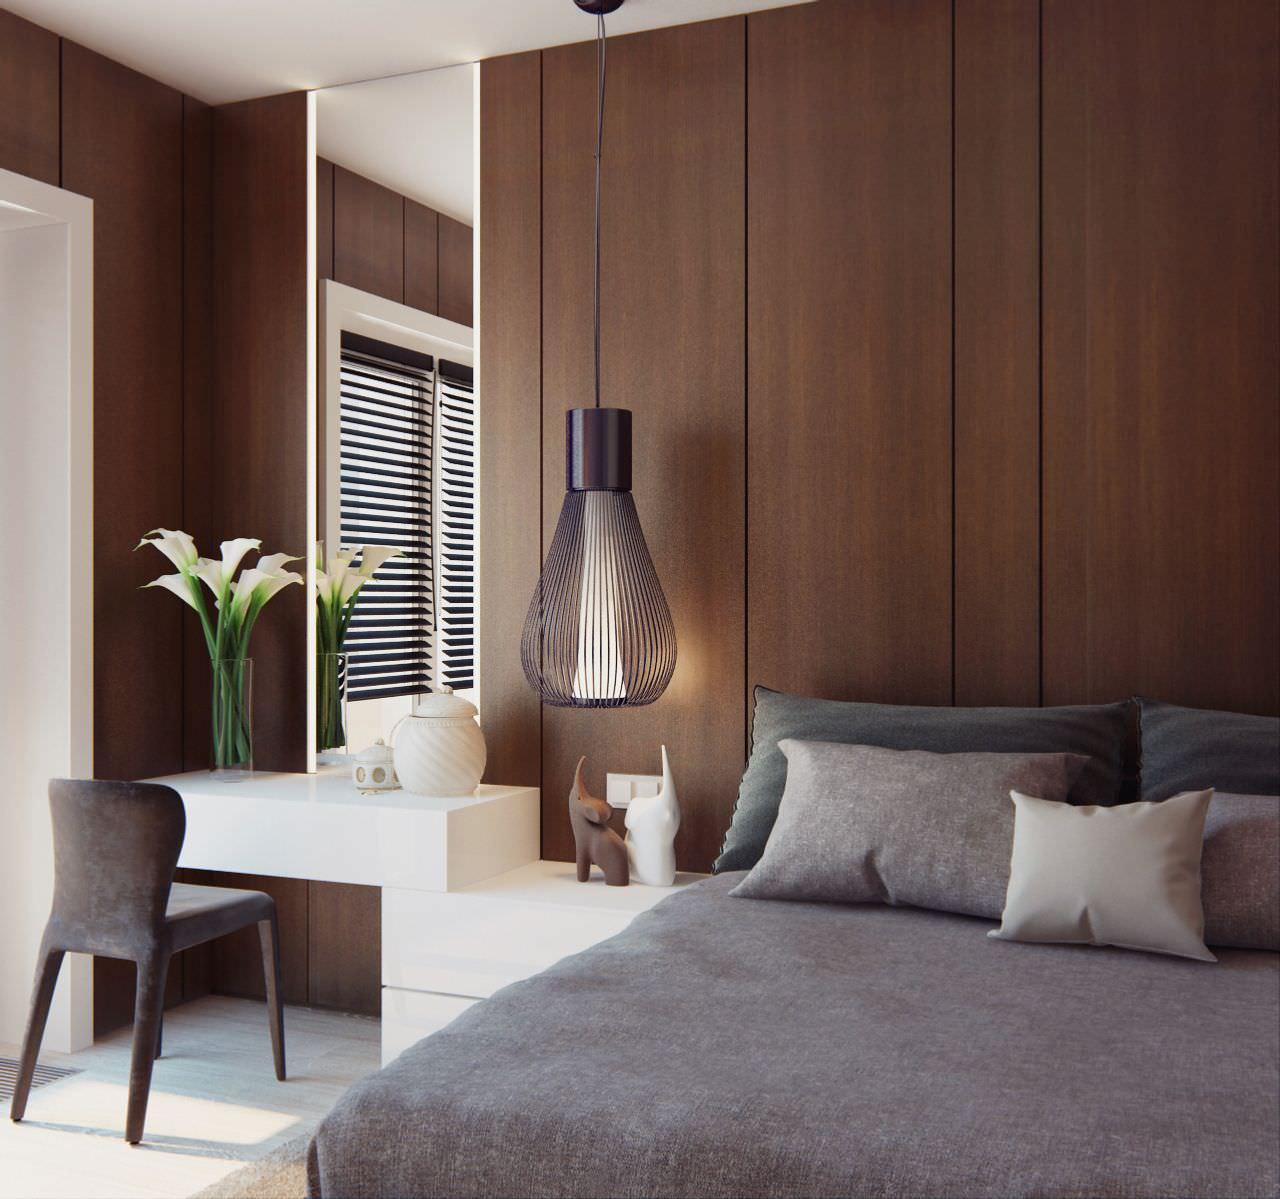 Armadio A Muro Design 100 idee camere da letto moderne • colori, illuminazione